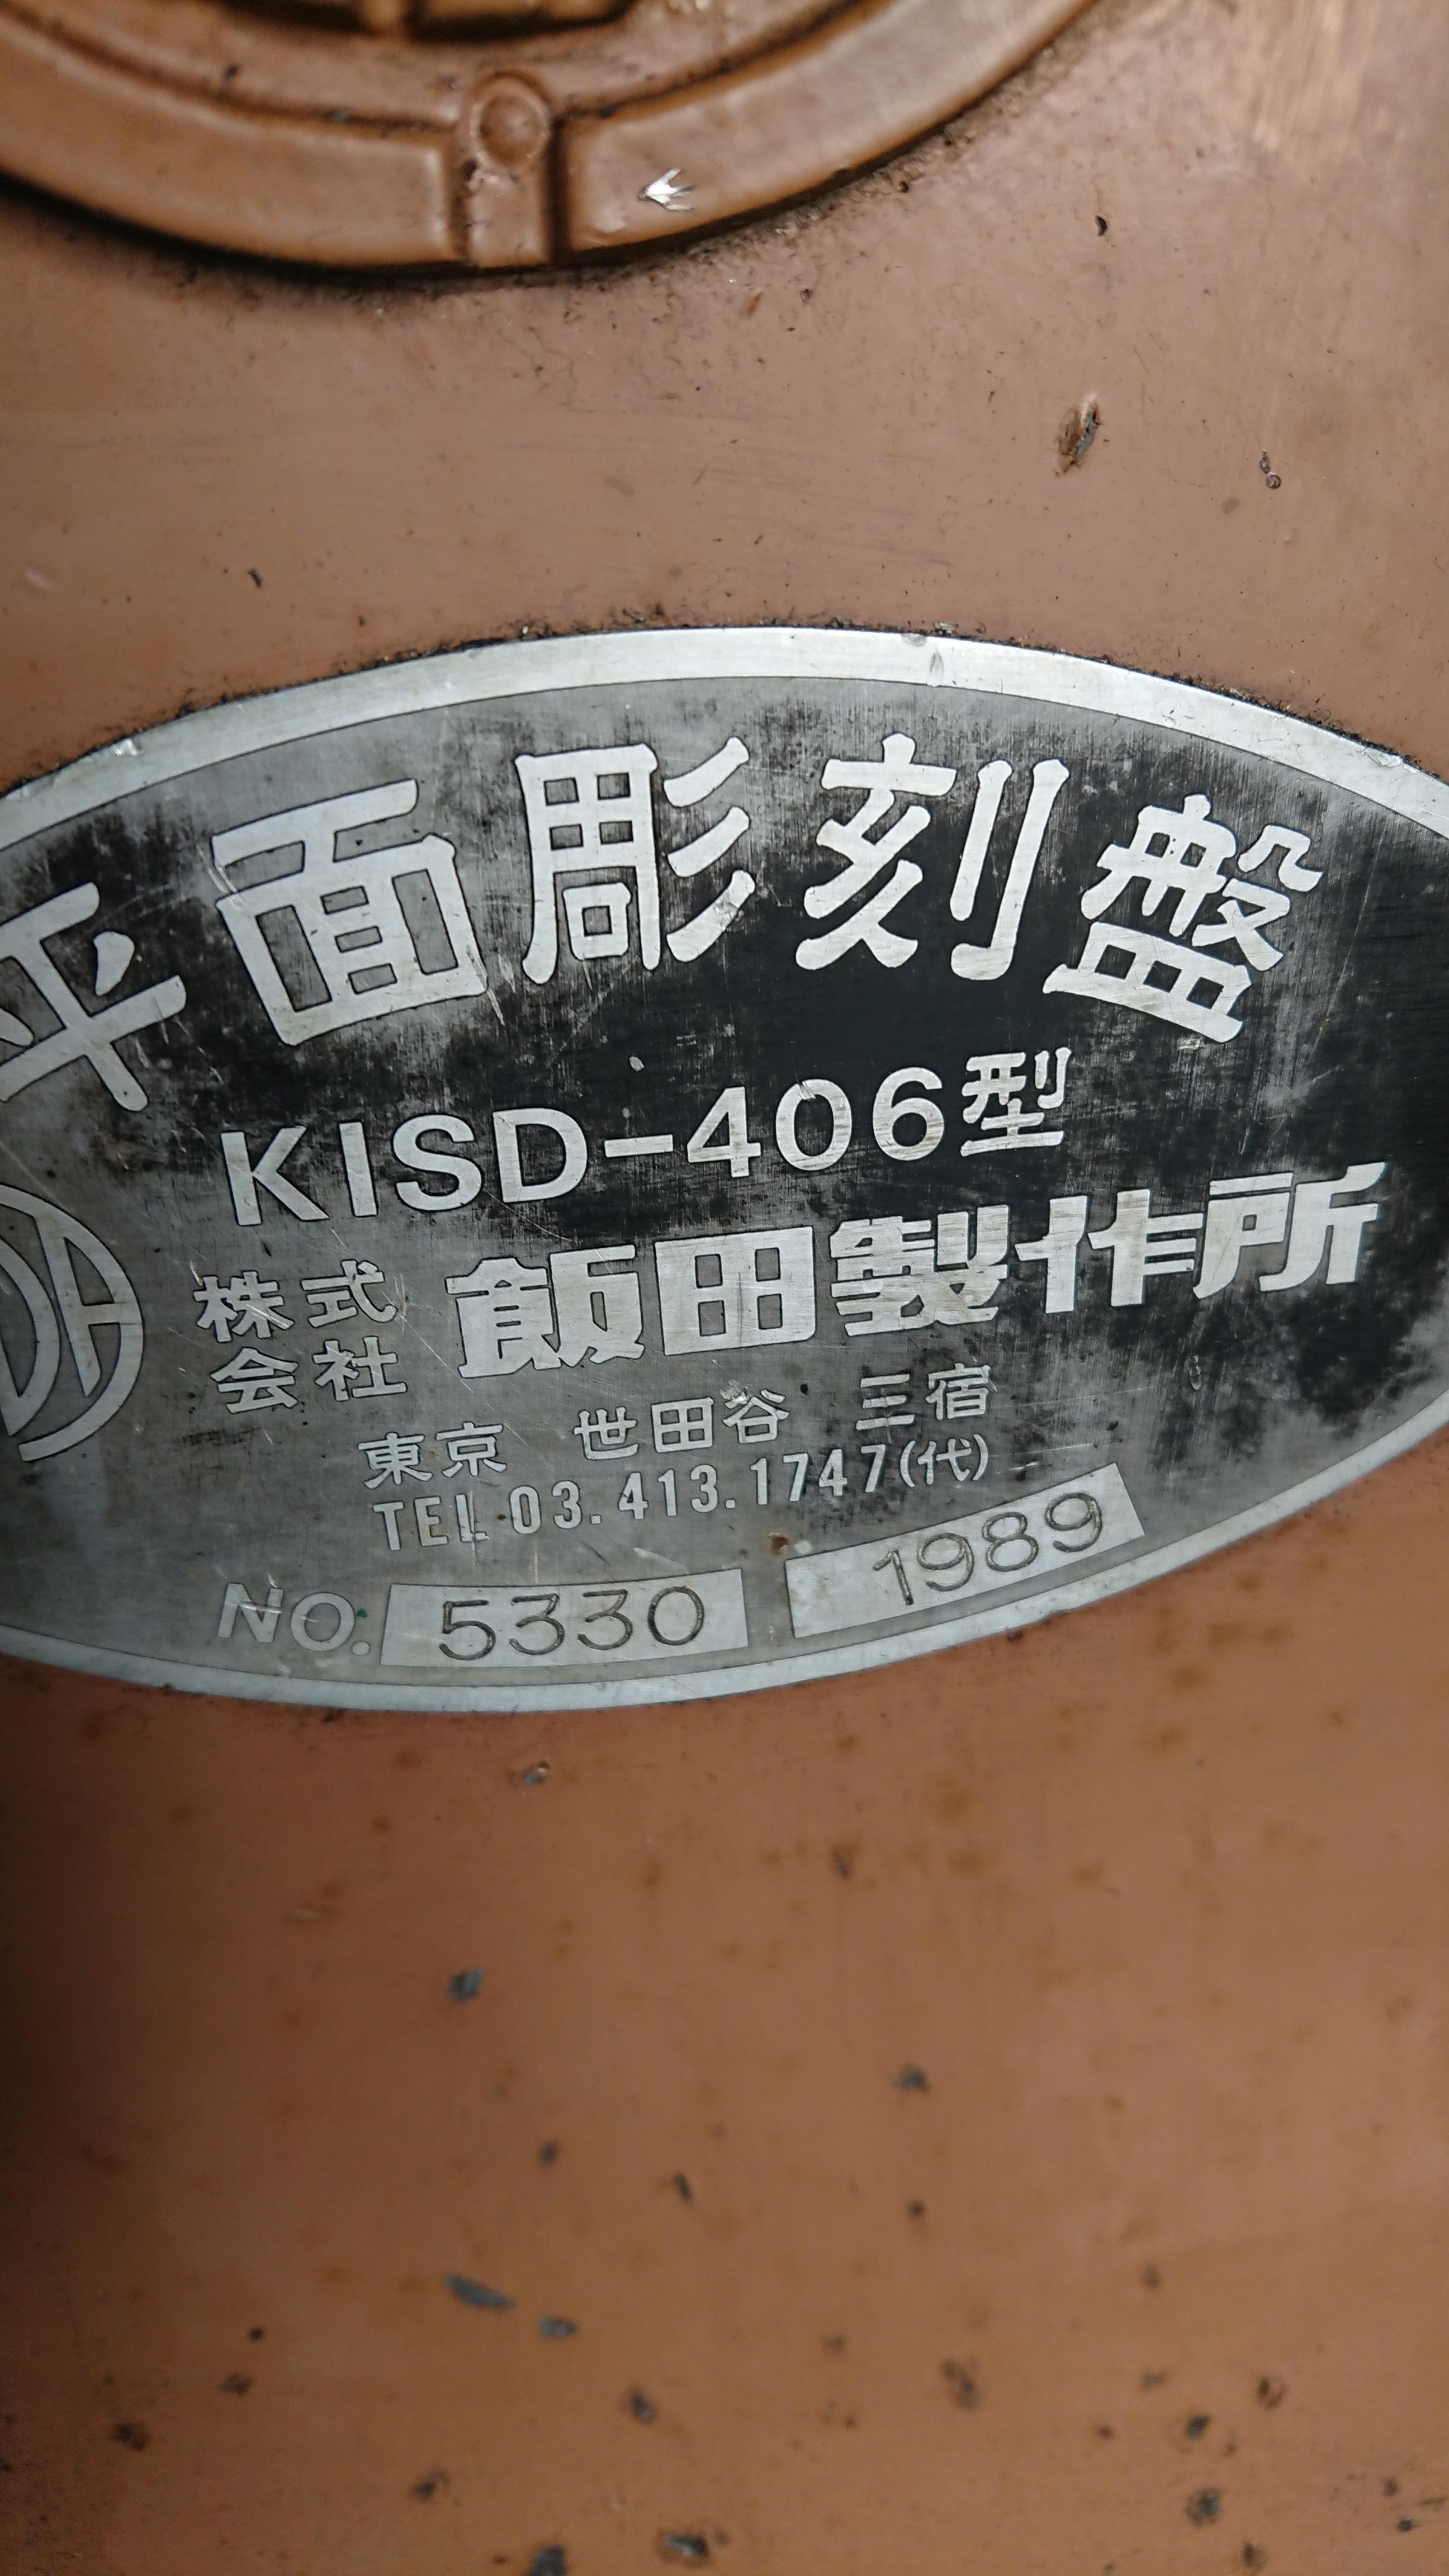 飯田_KISD-406_彫刻機